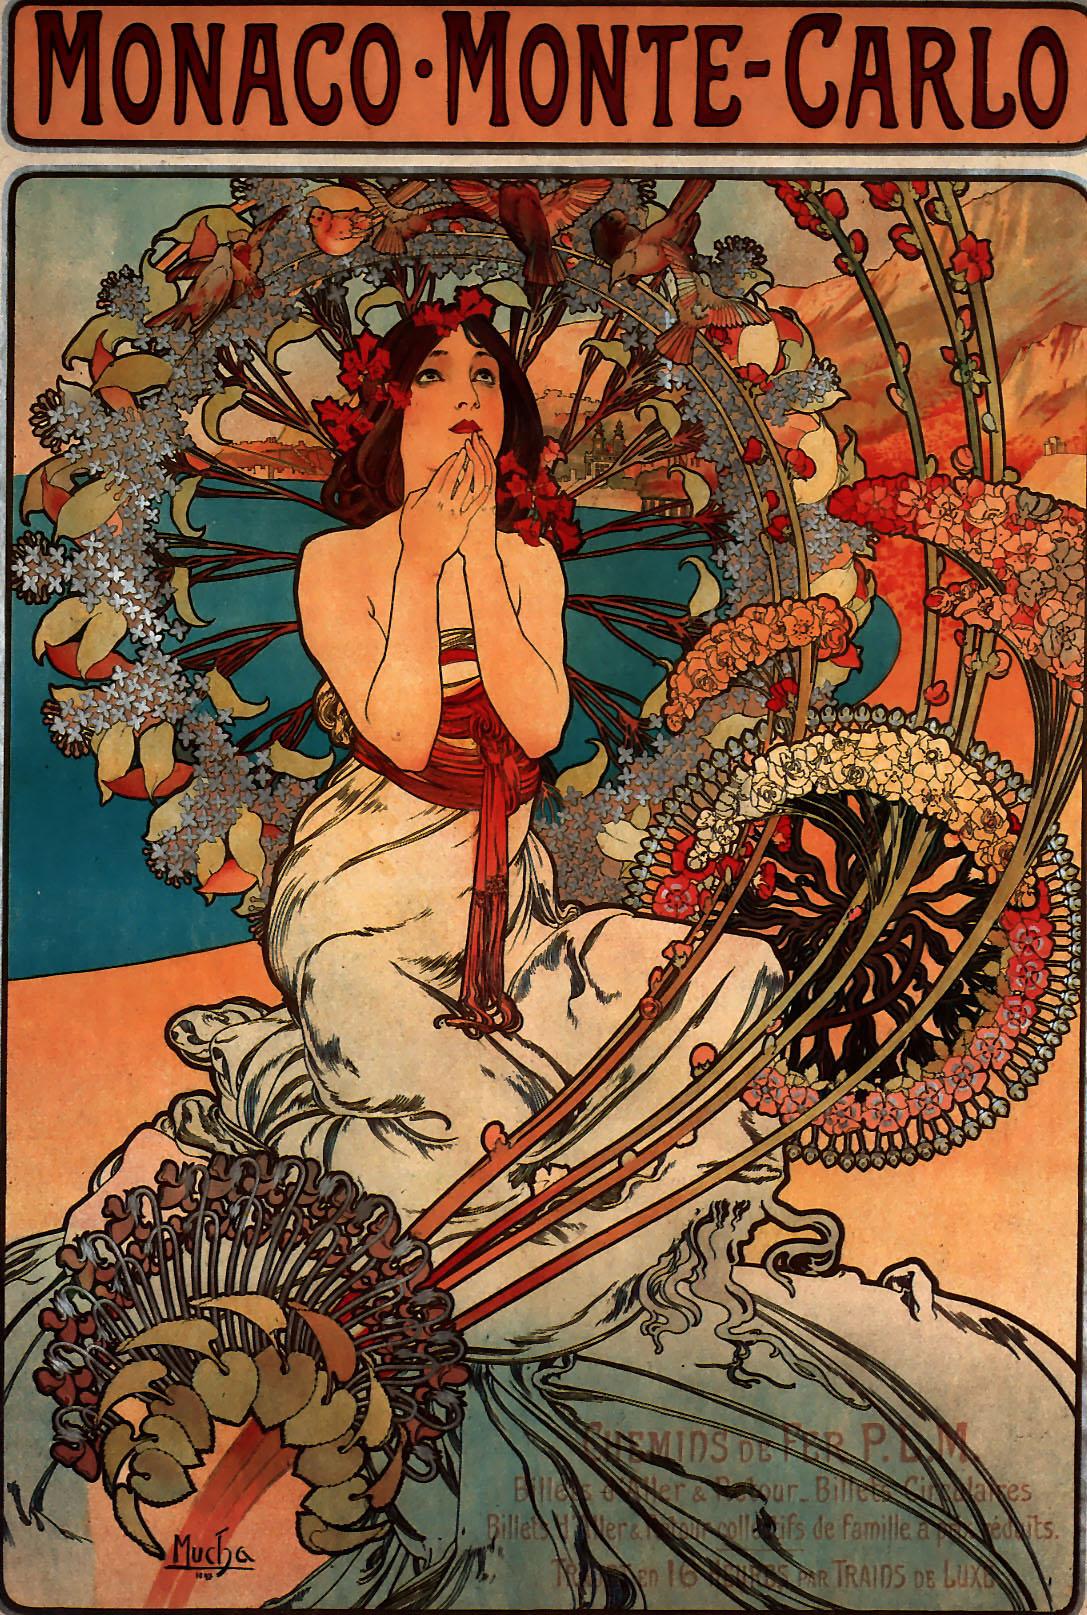 monaco-monte-carlo-1897.jpg